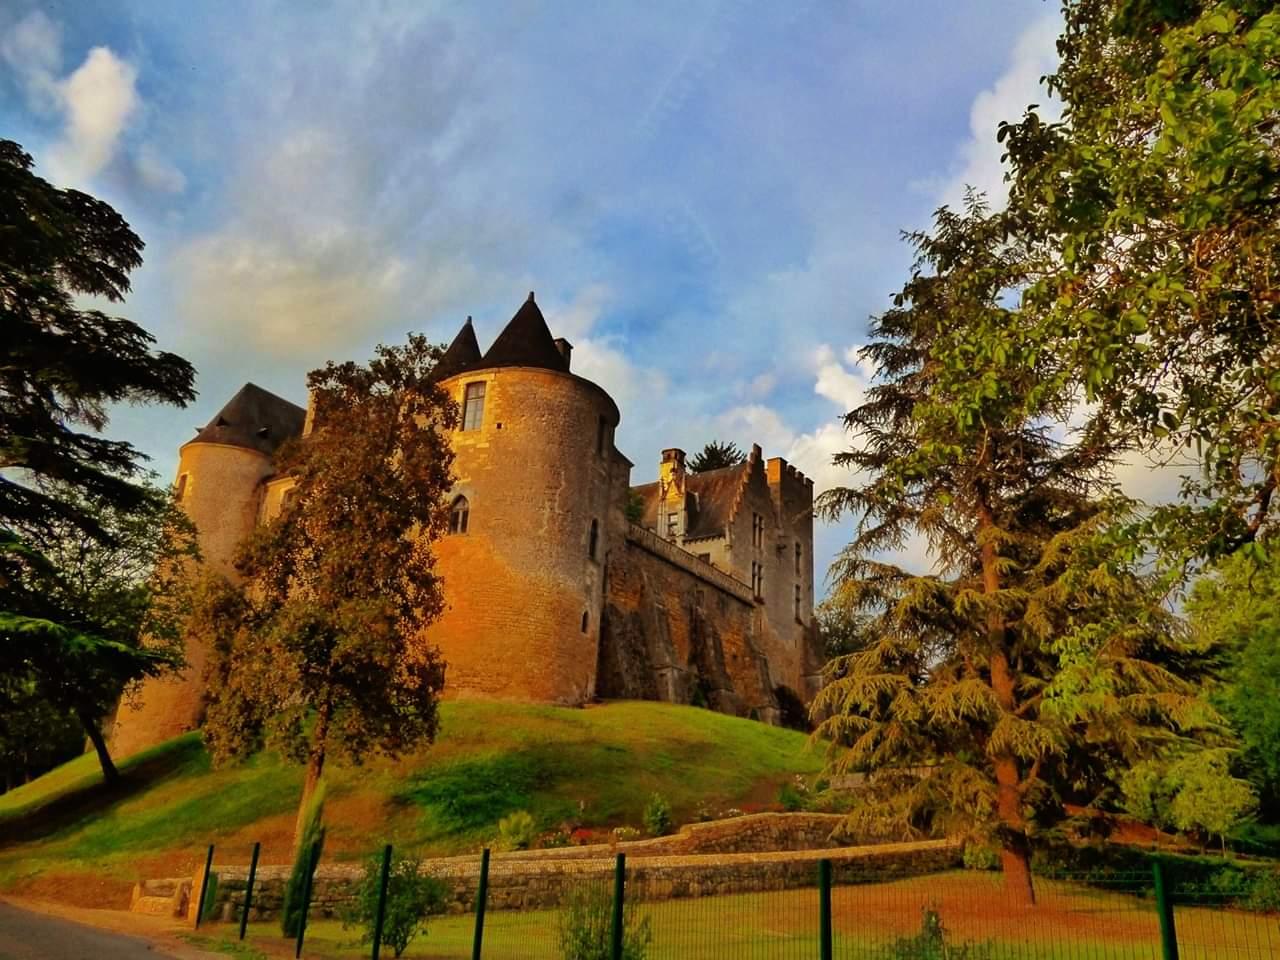 Séjourner dans le Périgord proche de Fénelon